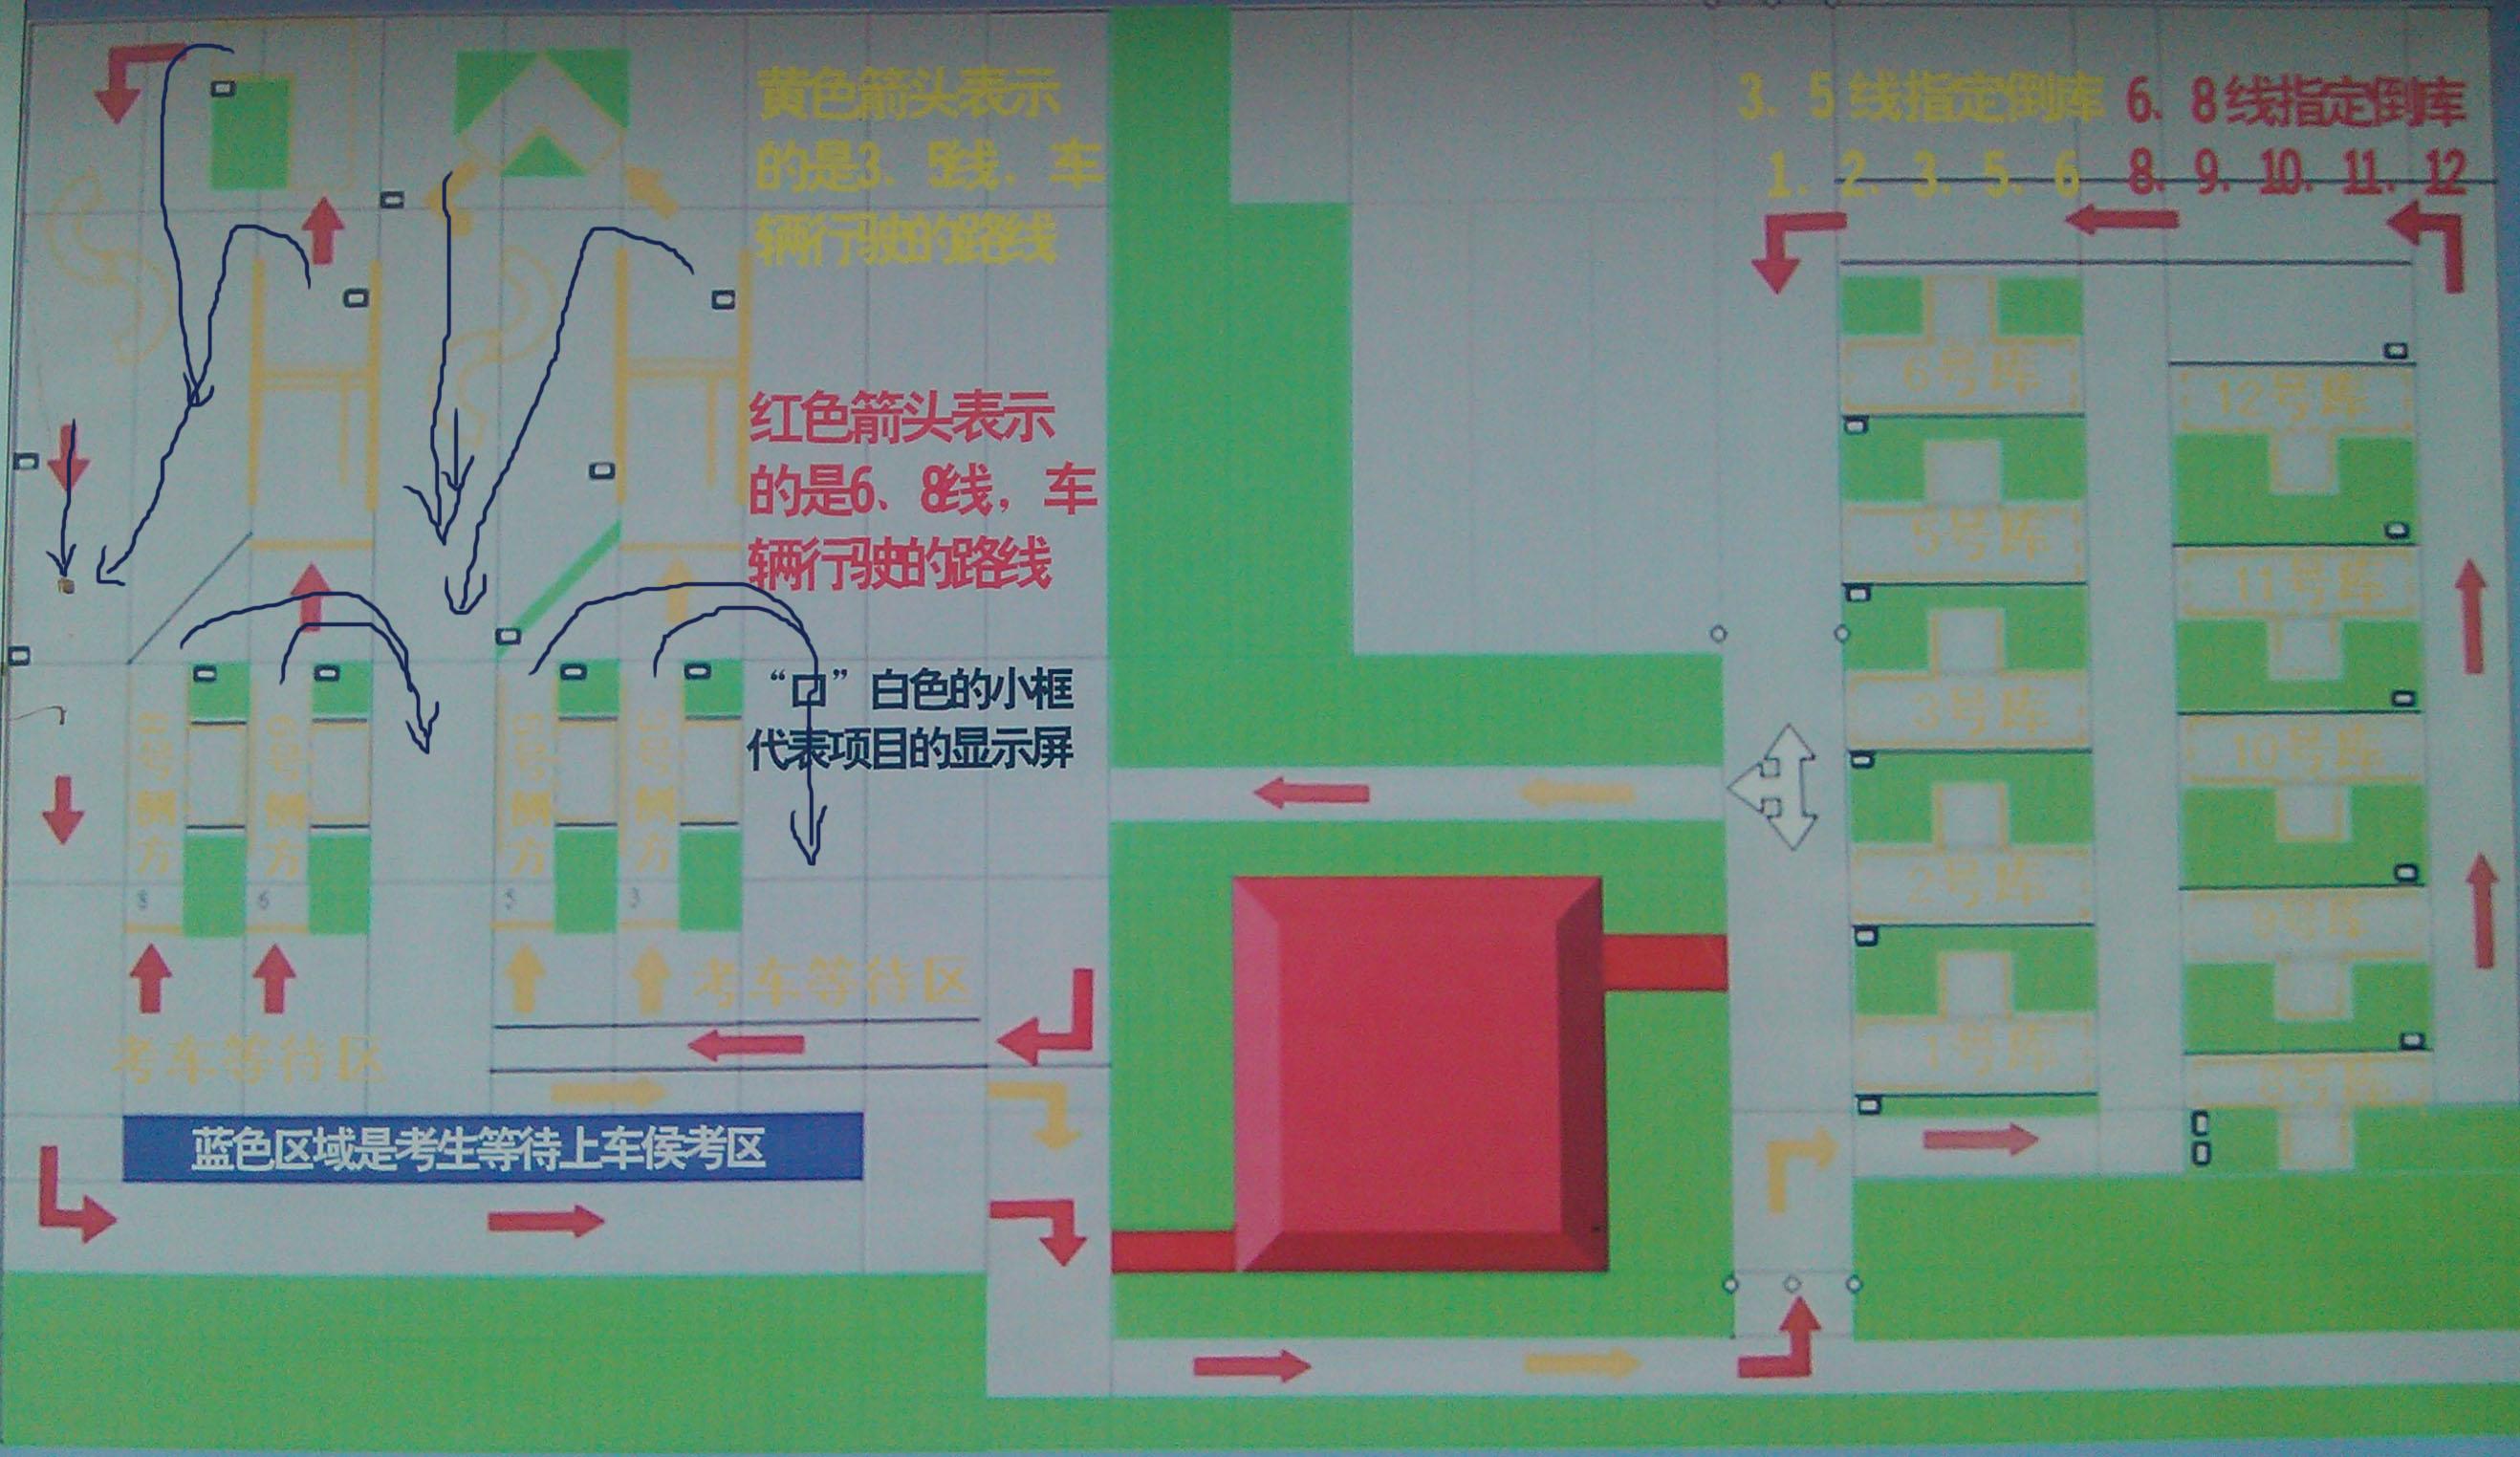 广安车管所科目二_谁知到郑州中牟县的车管所考场,描述一下科目二的场地_百度知道